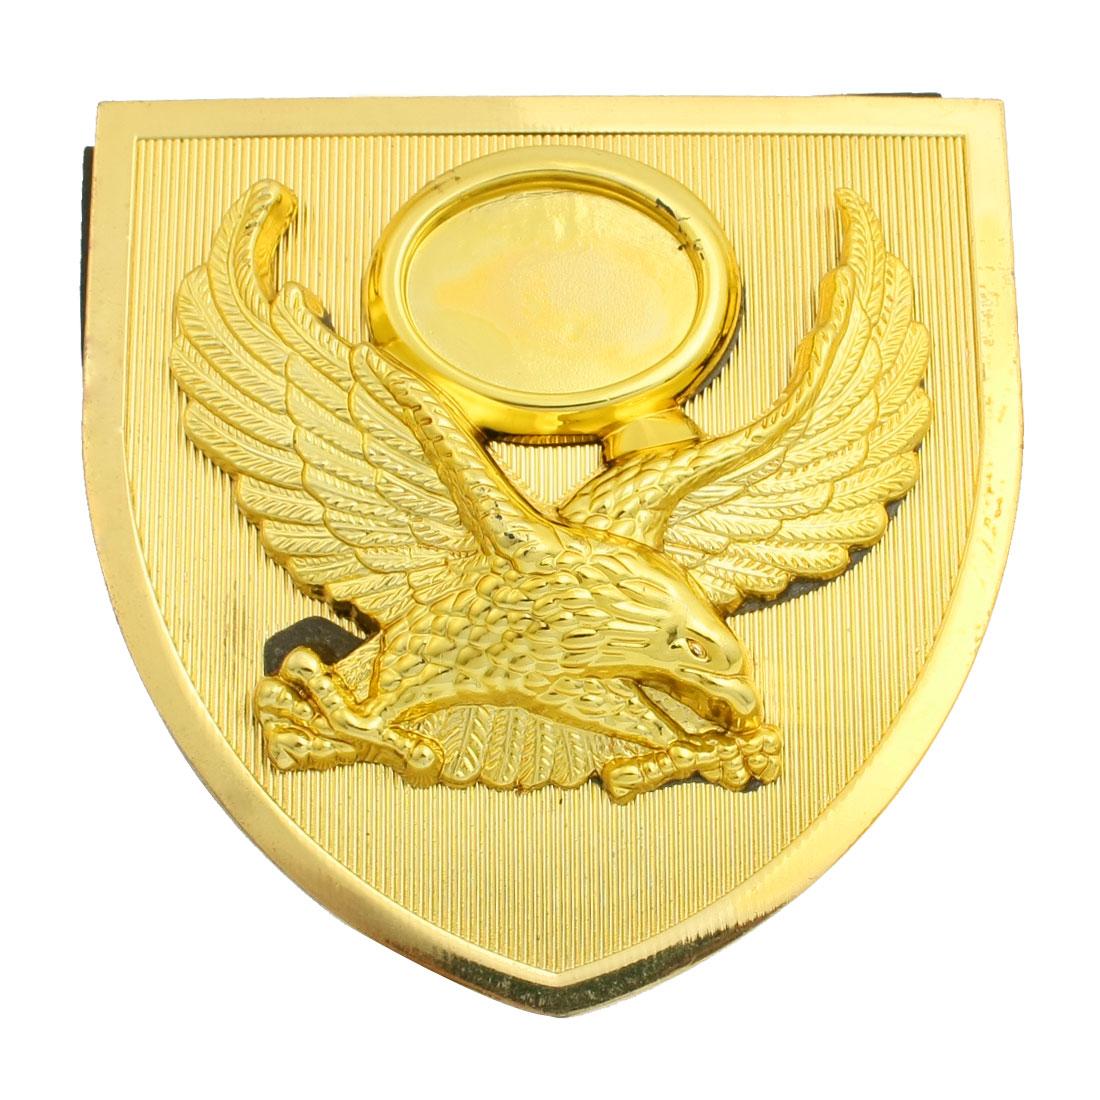 Gold Tone Eagle Pattern Badge Emblem 3D Sticker for Car Vehicle